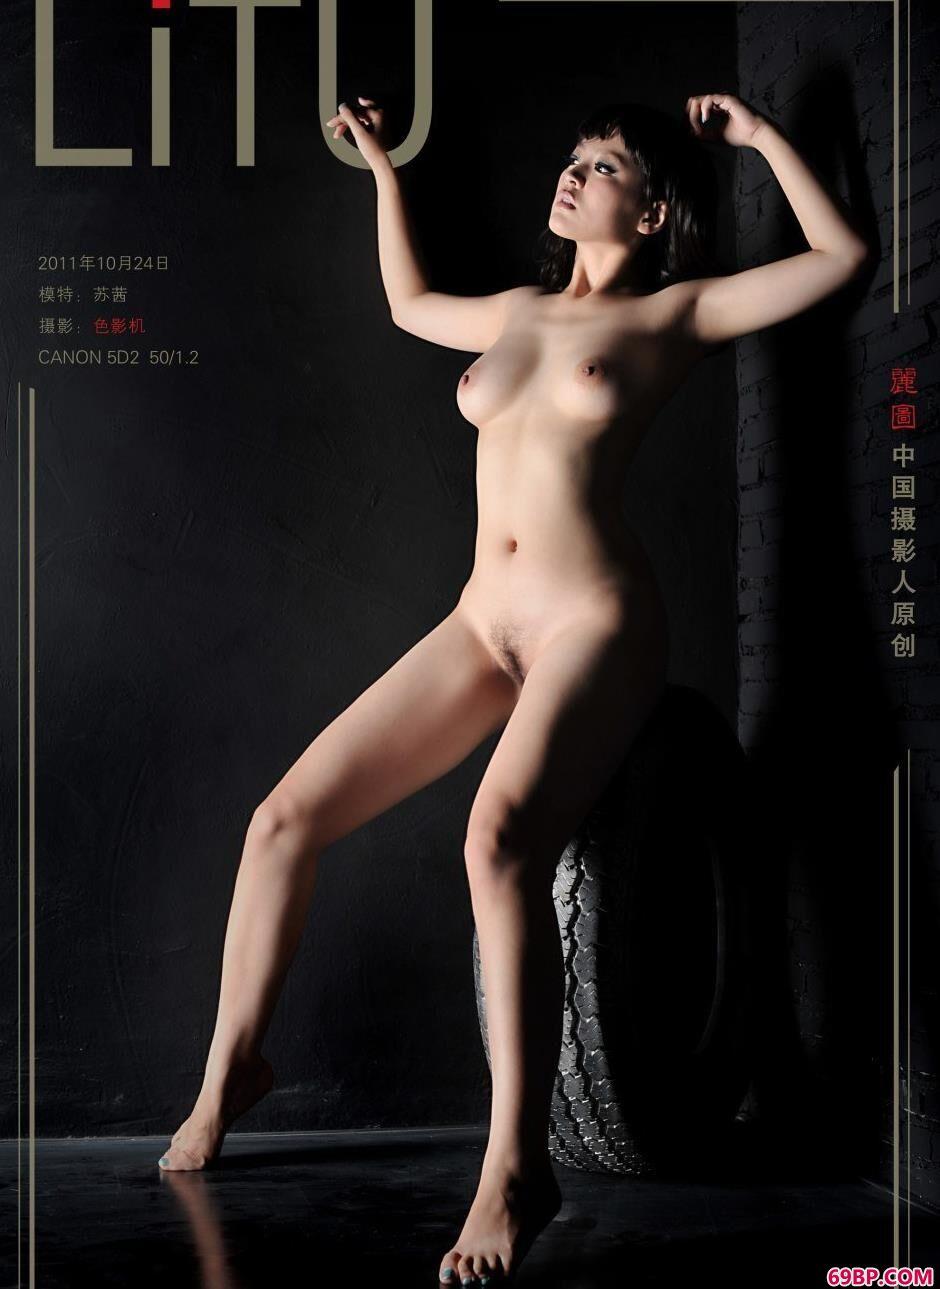 裸模苏茜房间里的迷人身材